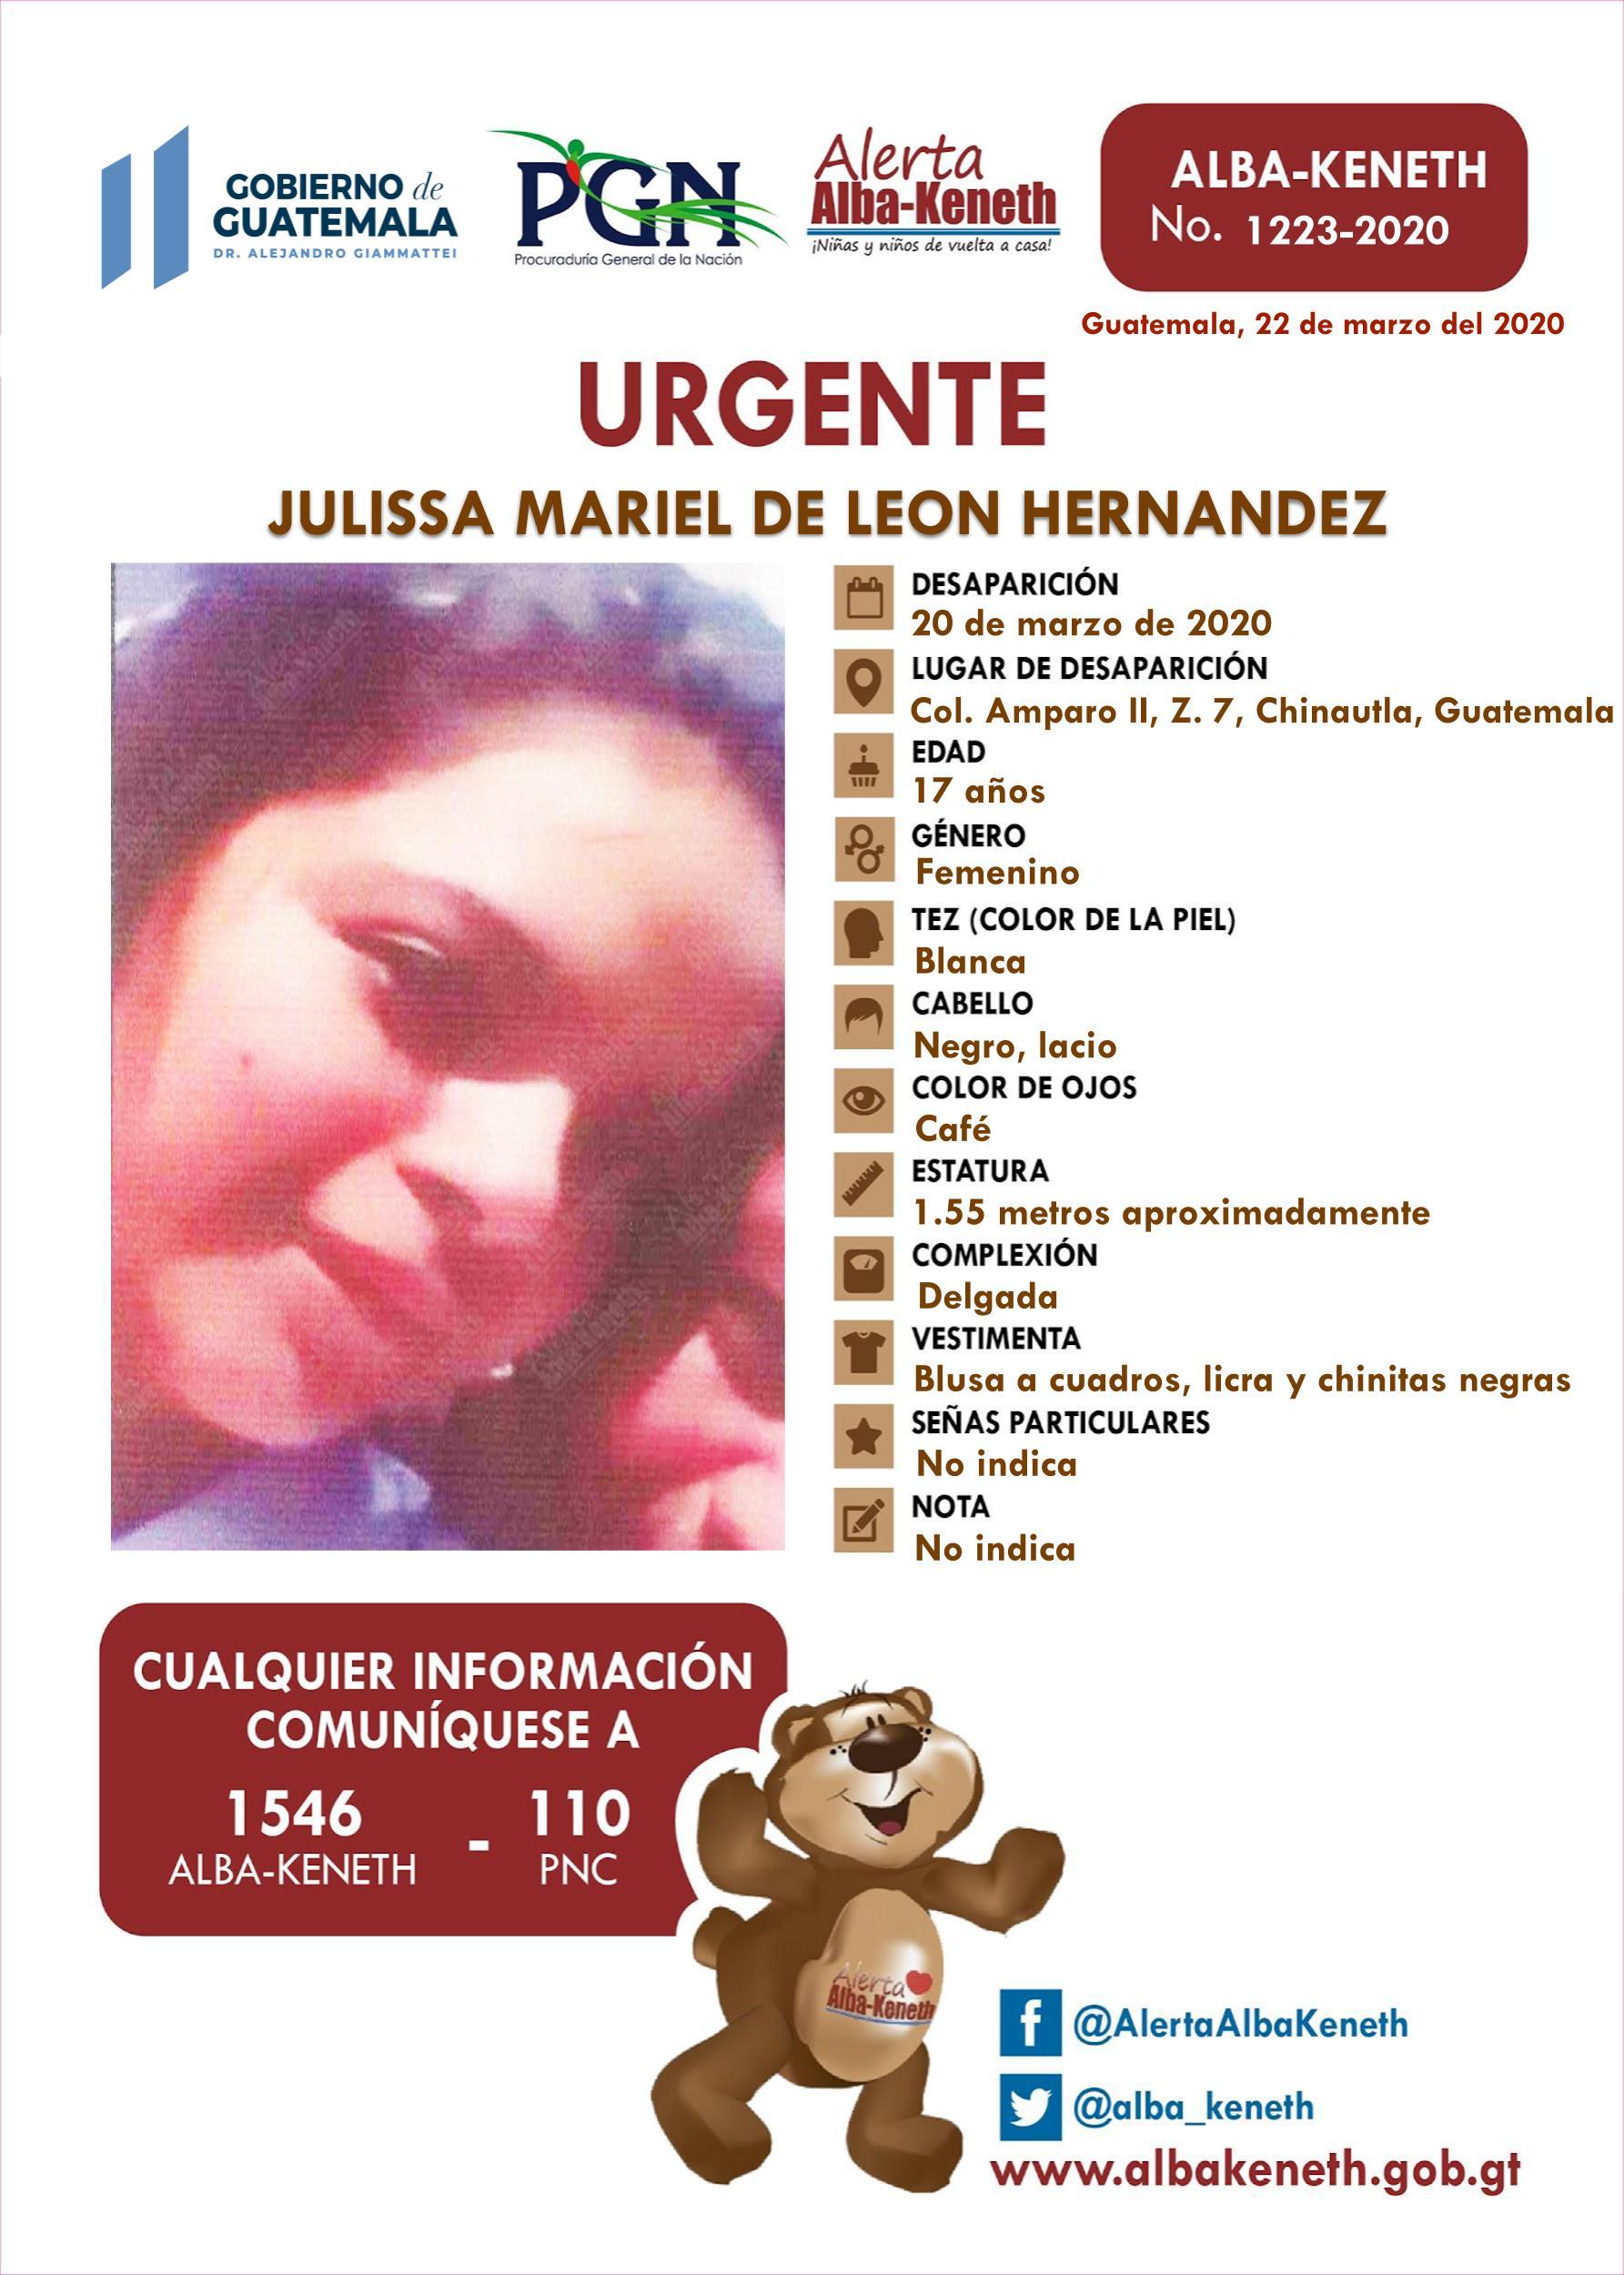 Julissa Mariel de Leon Hernandez